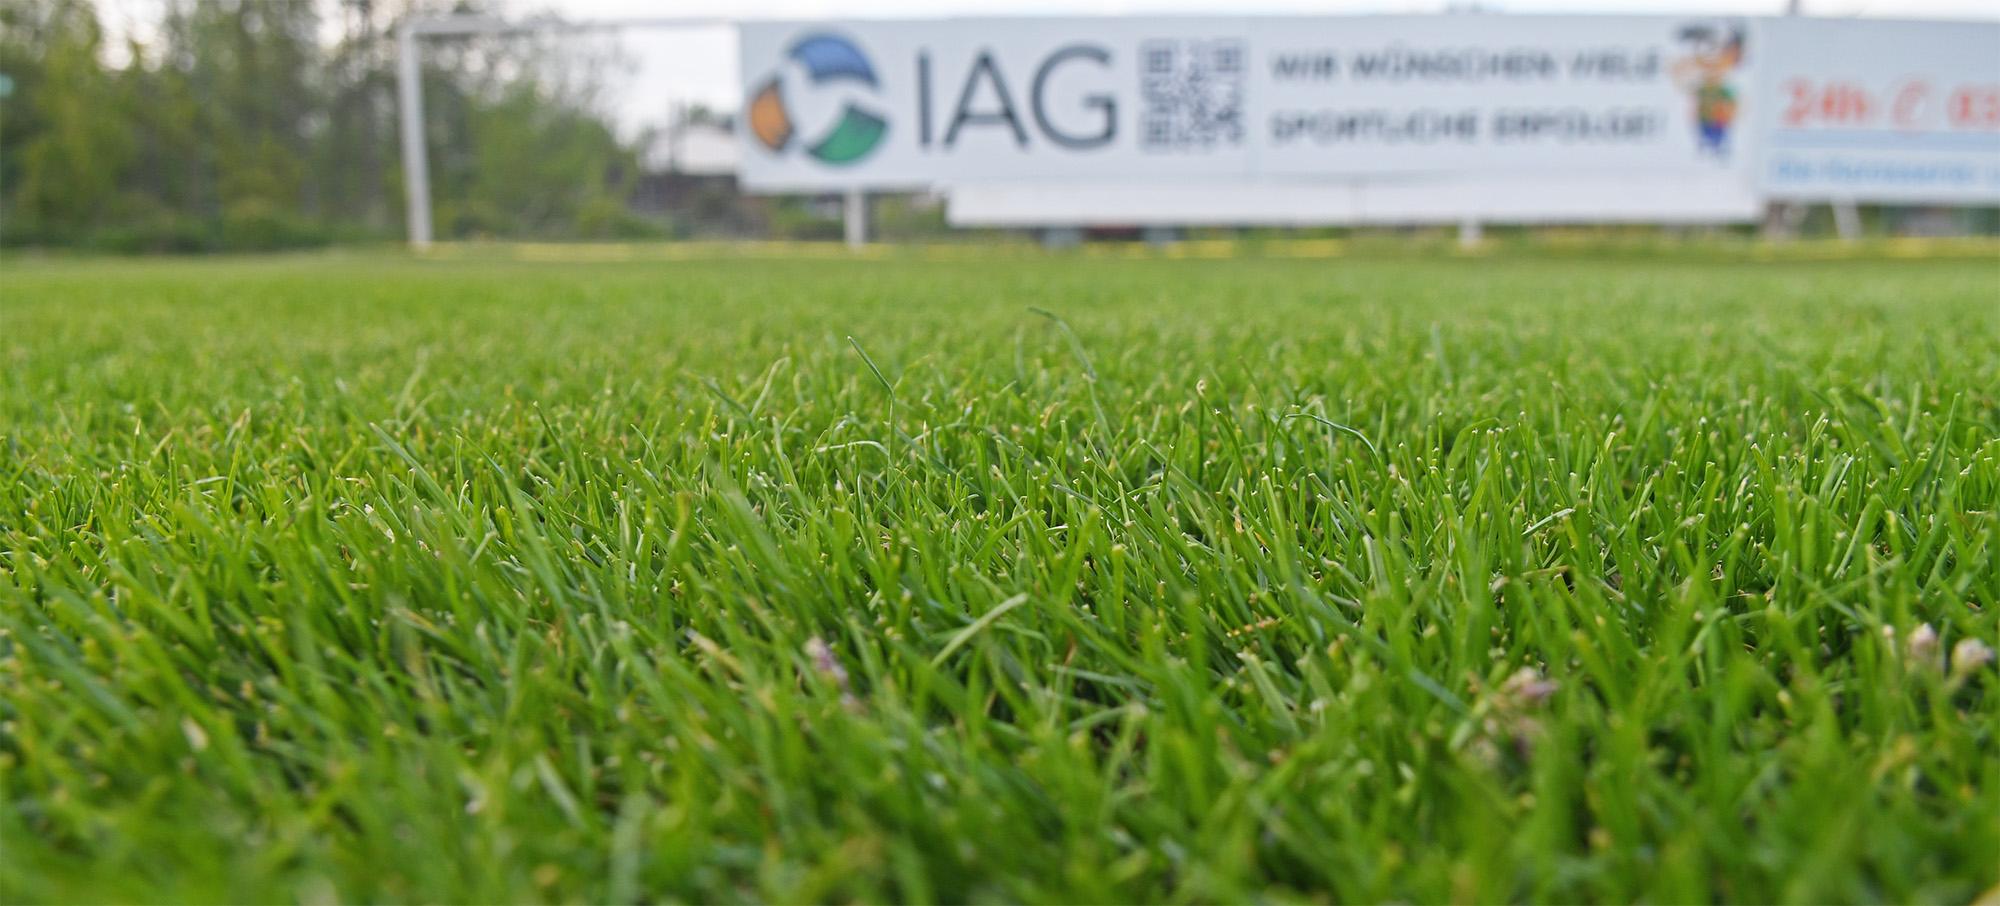 Wie ein Teppich - der Rasen im Palmberg-Stadion.